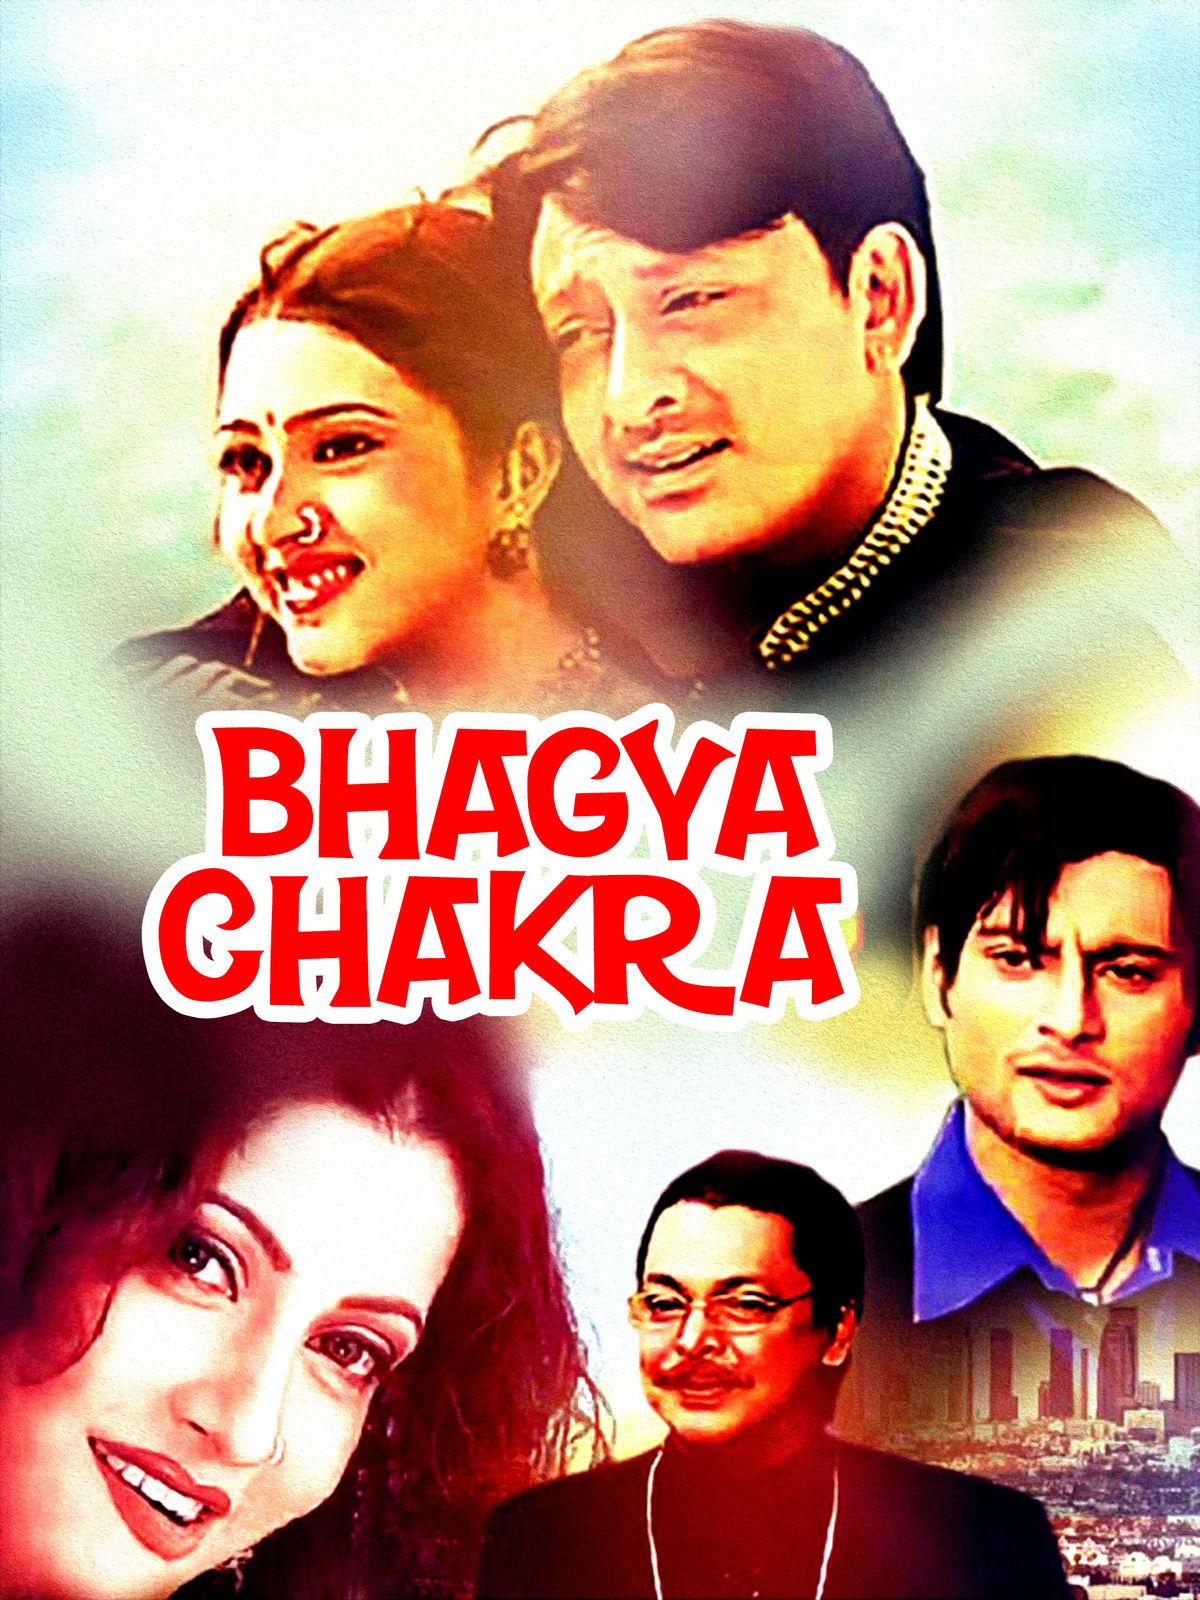 Bhagya Chakra